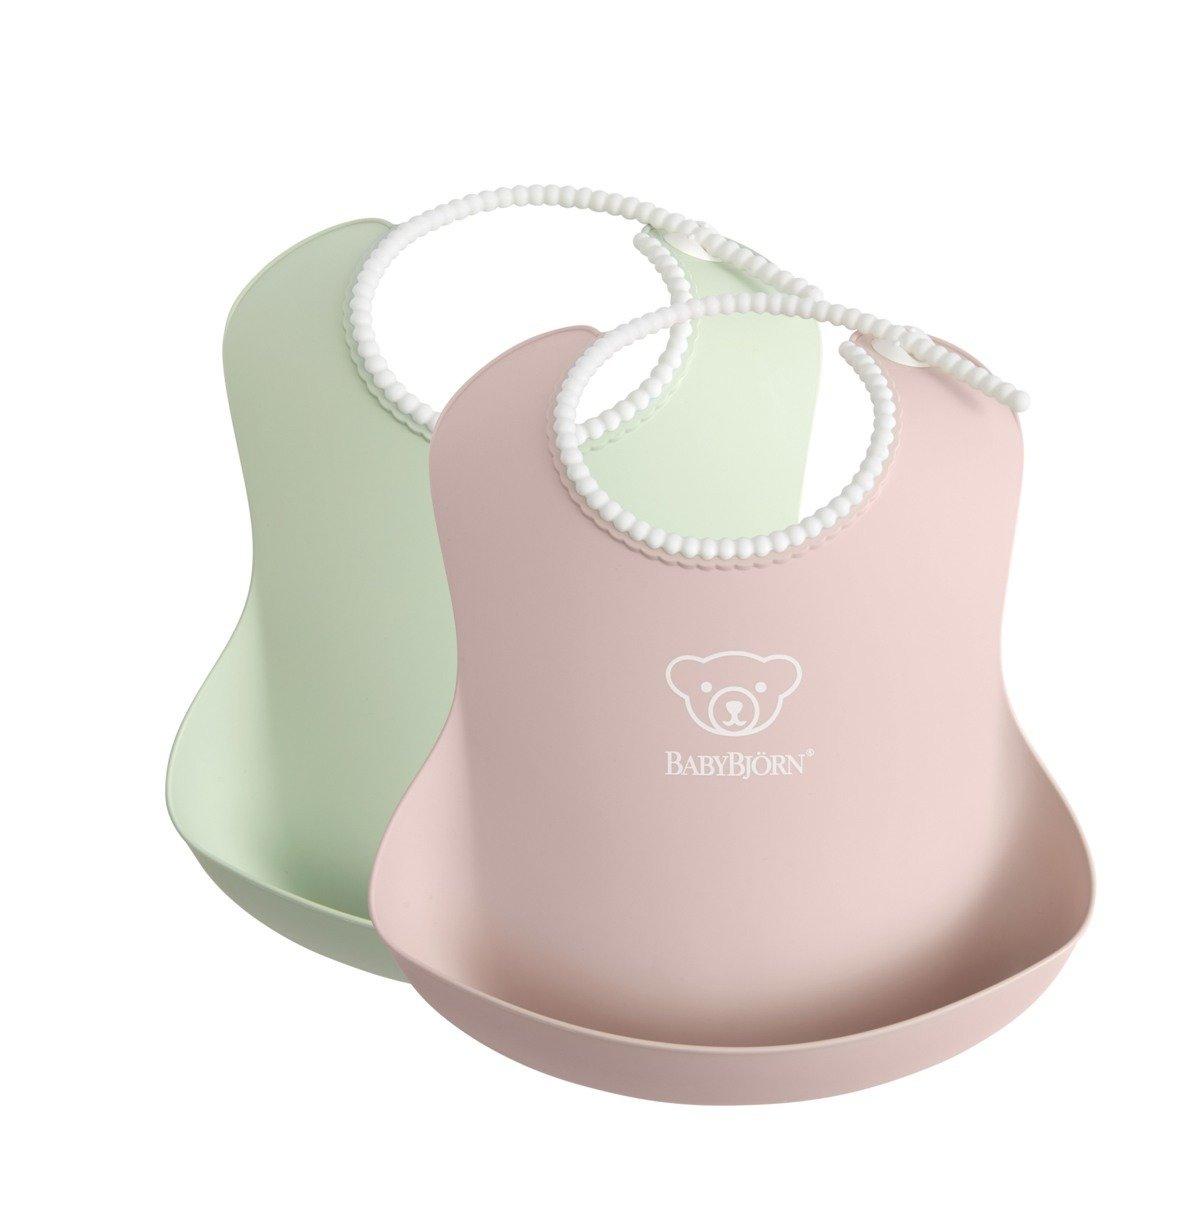 BABYBJORN - 2 śliniaki -  Powder Green/ Powder Pink